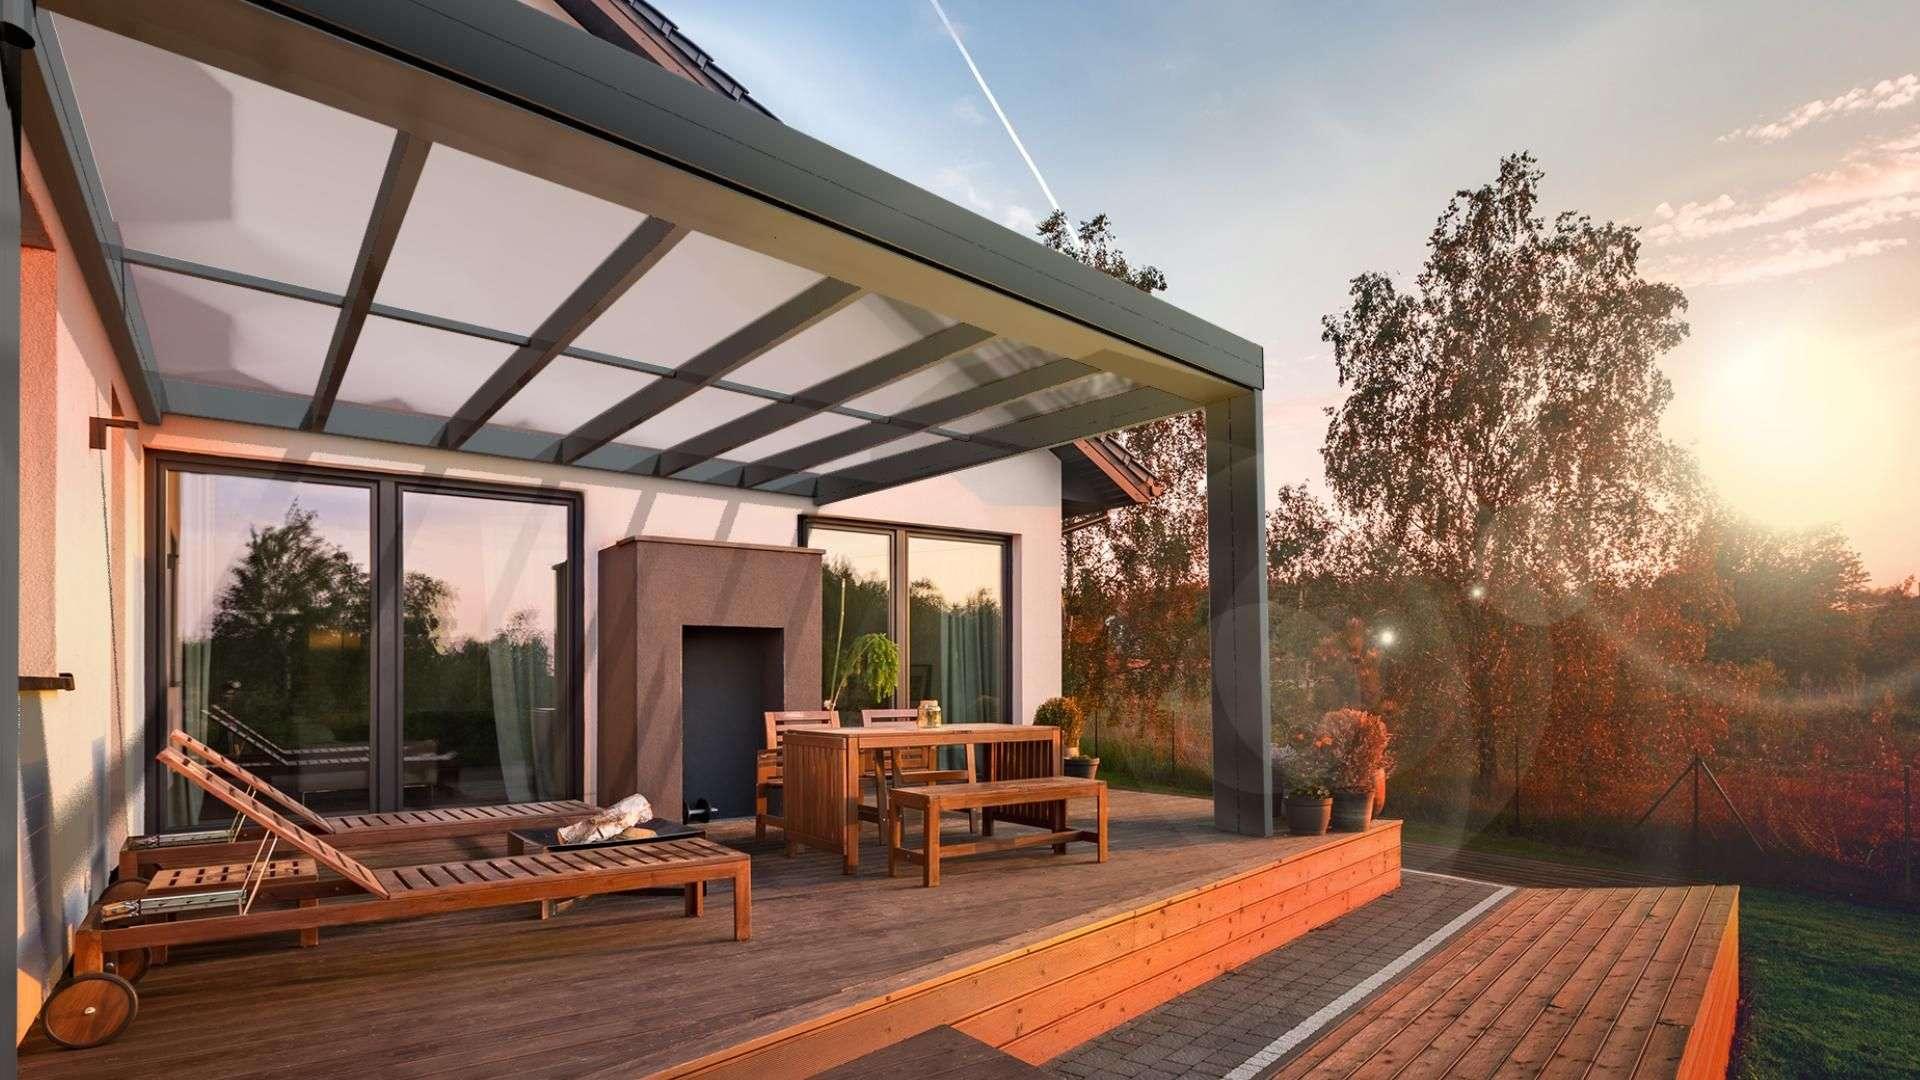 Terrassendach an einem Haus bei Sonnenuntergang im Herbst